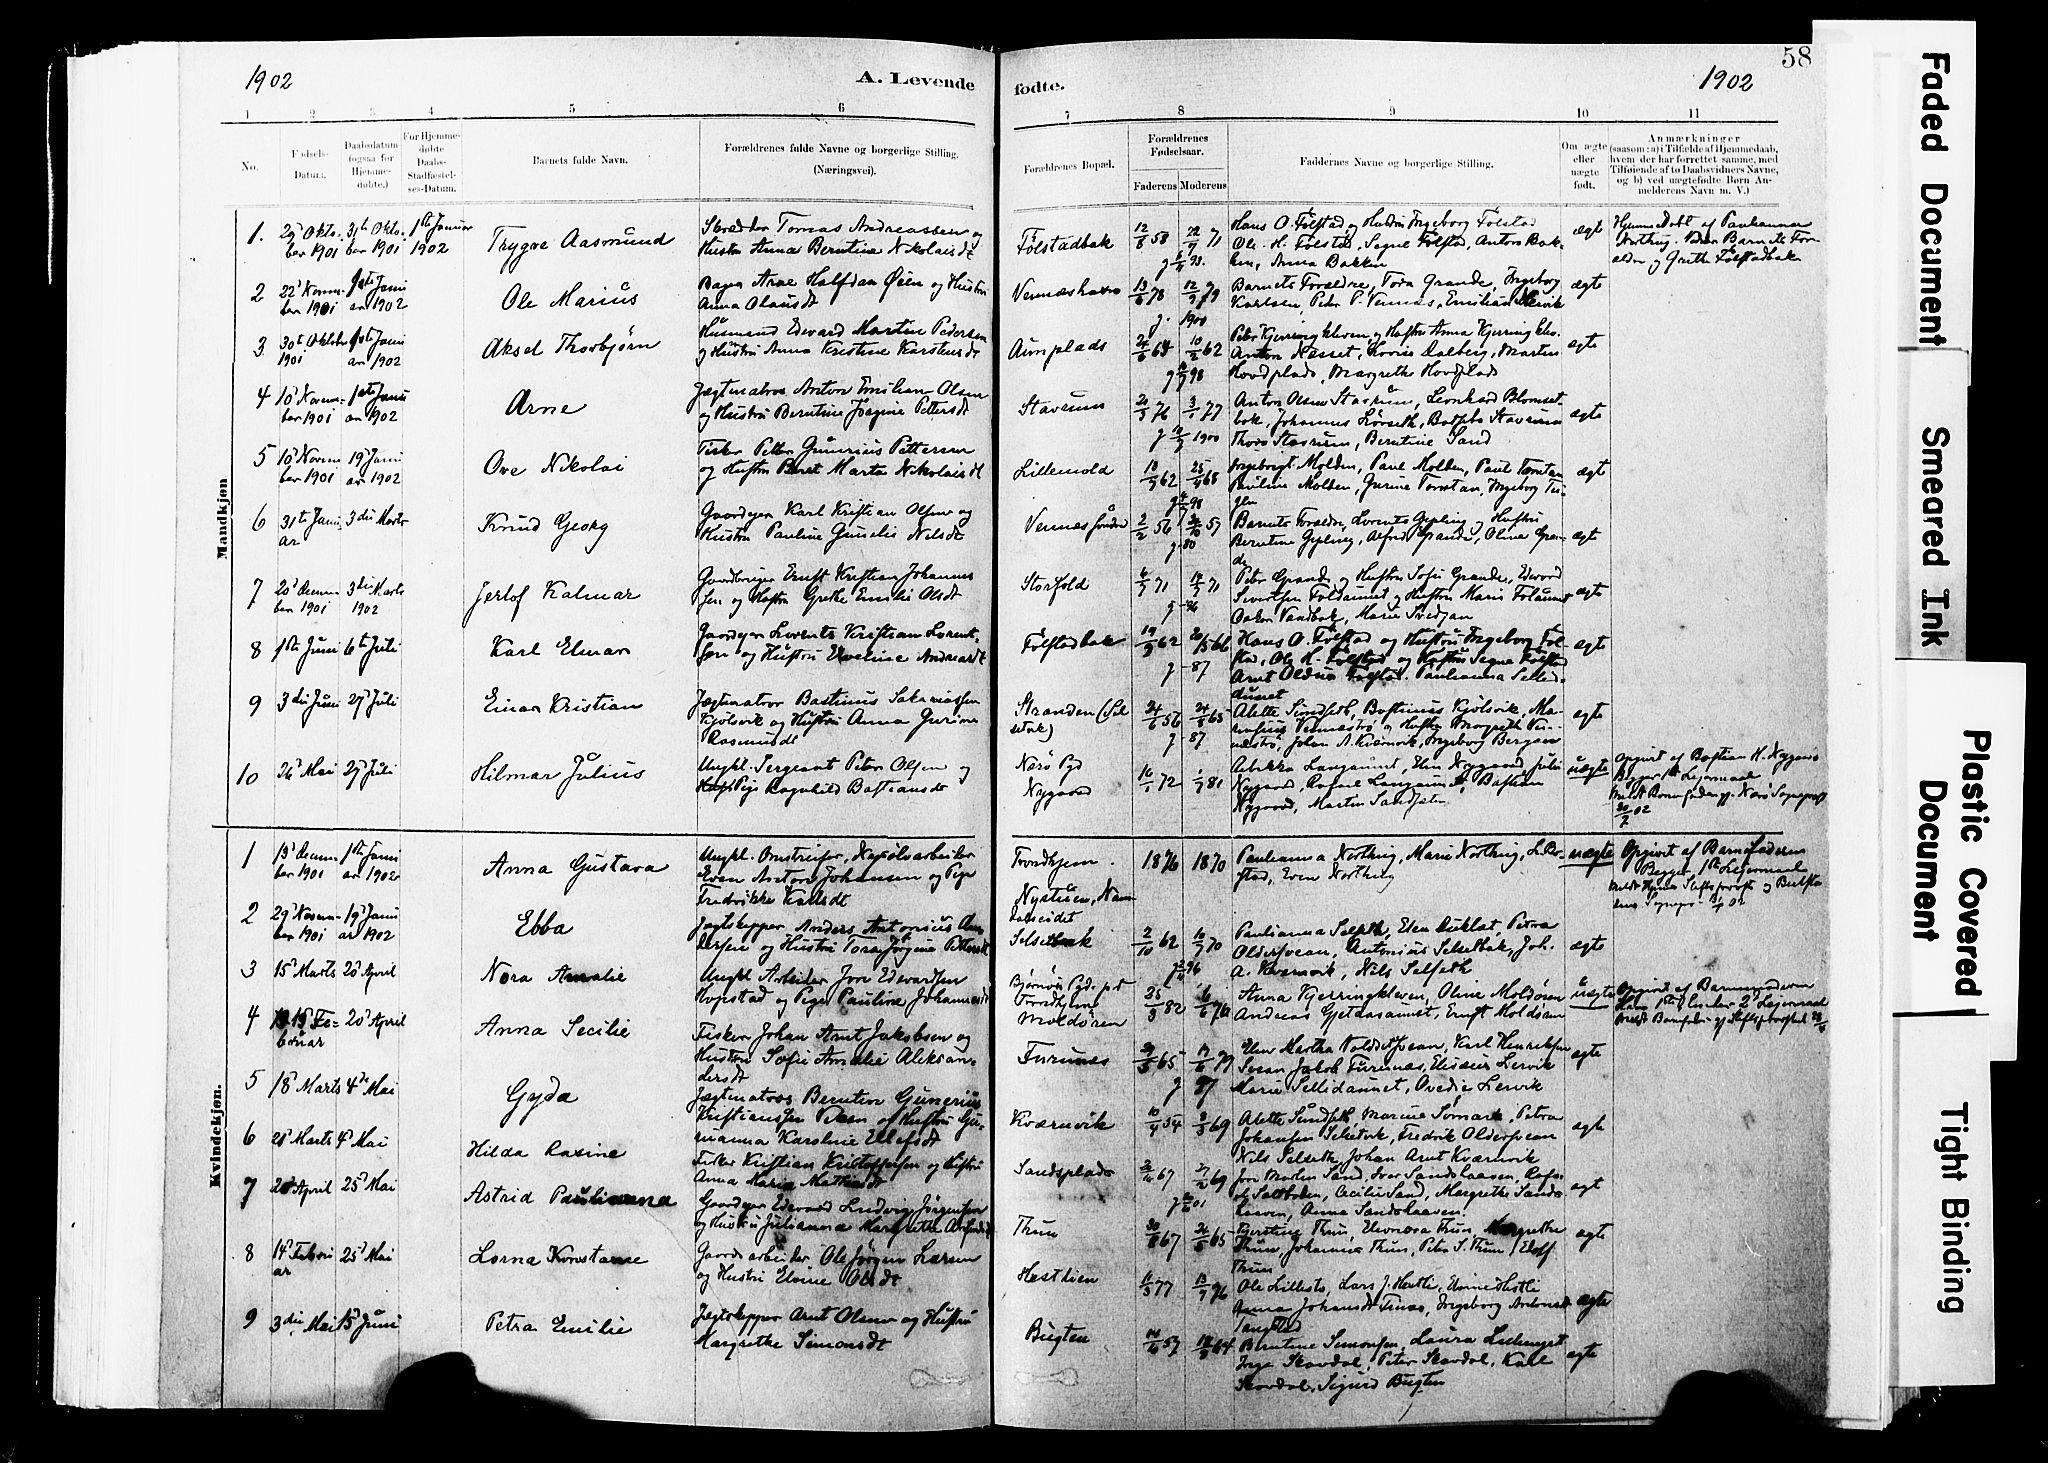 SAT, Ministerialprotokoller, klokkerbøker og fødselsregistre - Nord-Trøndelag, 744/L0420: Ministerialbok nr. 744A04, 1882-1904, s. 58